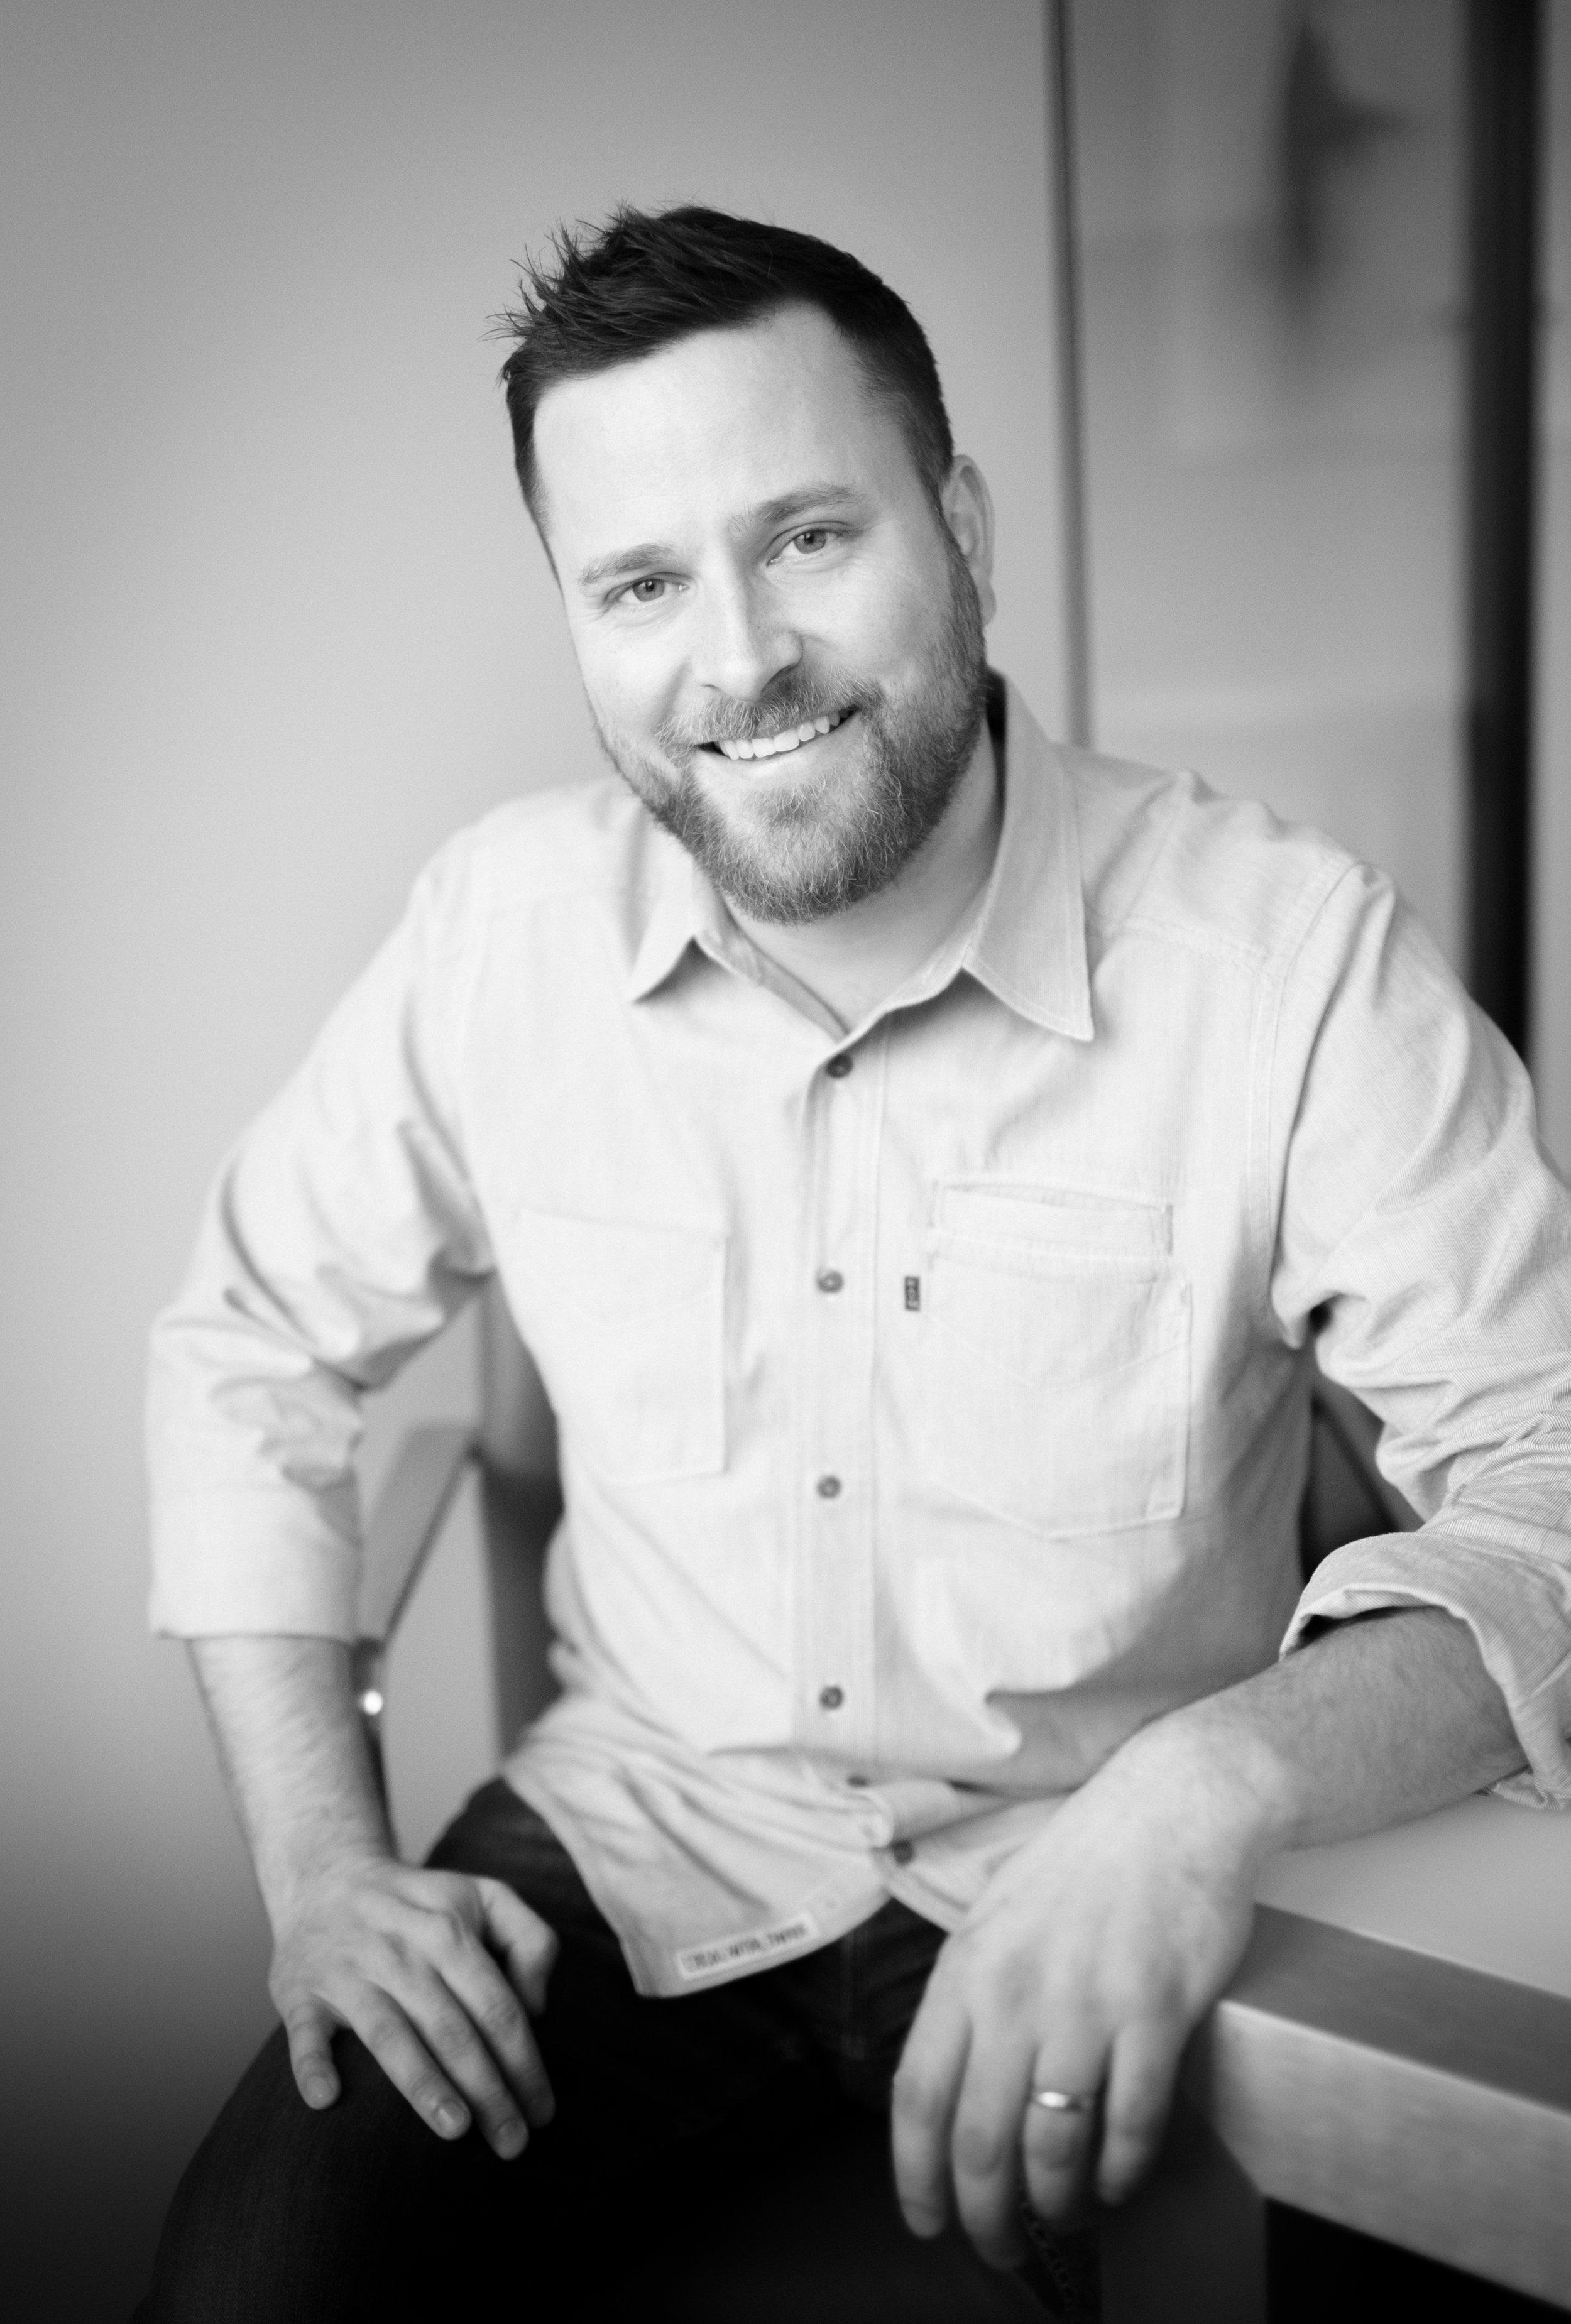 Ryan Tuttle080-2.JPG